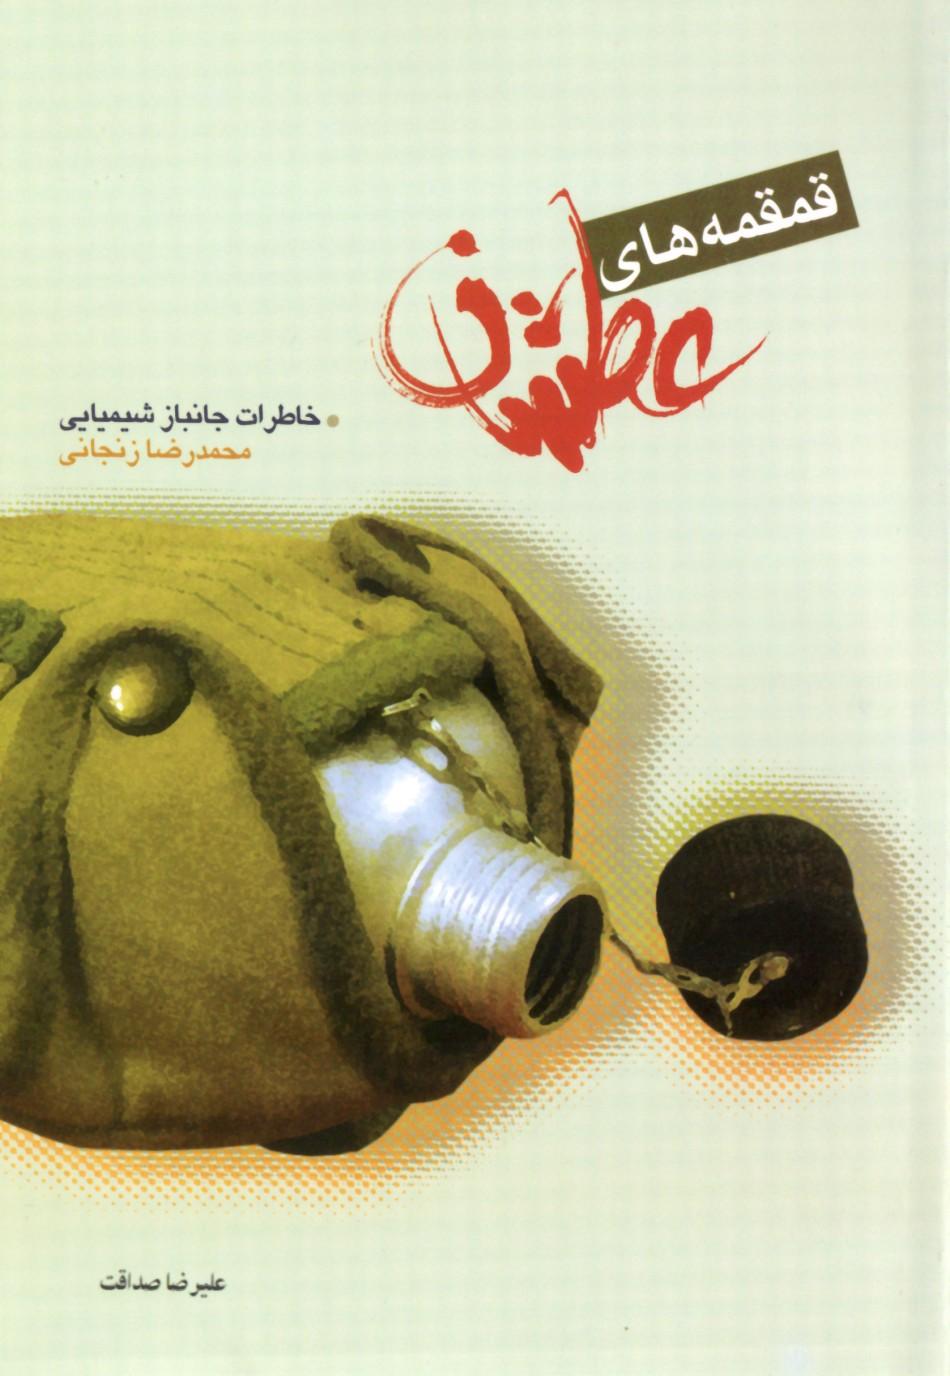 08 GhomGhomehaye Atshan